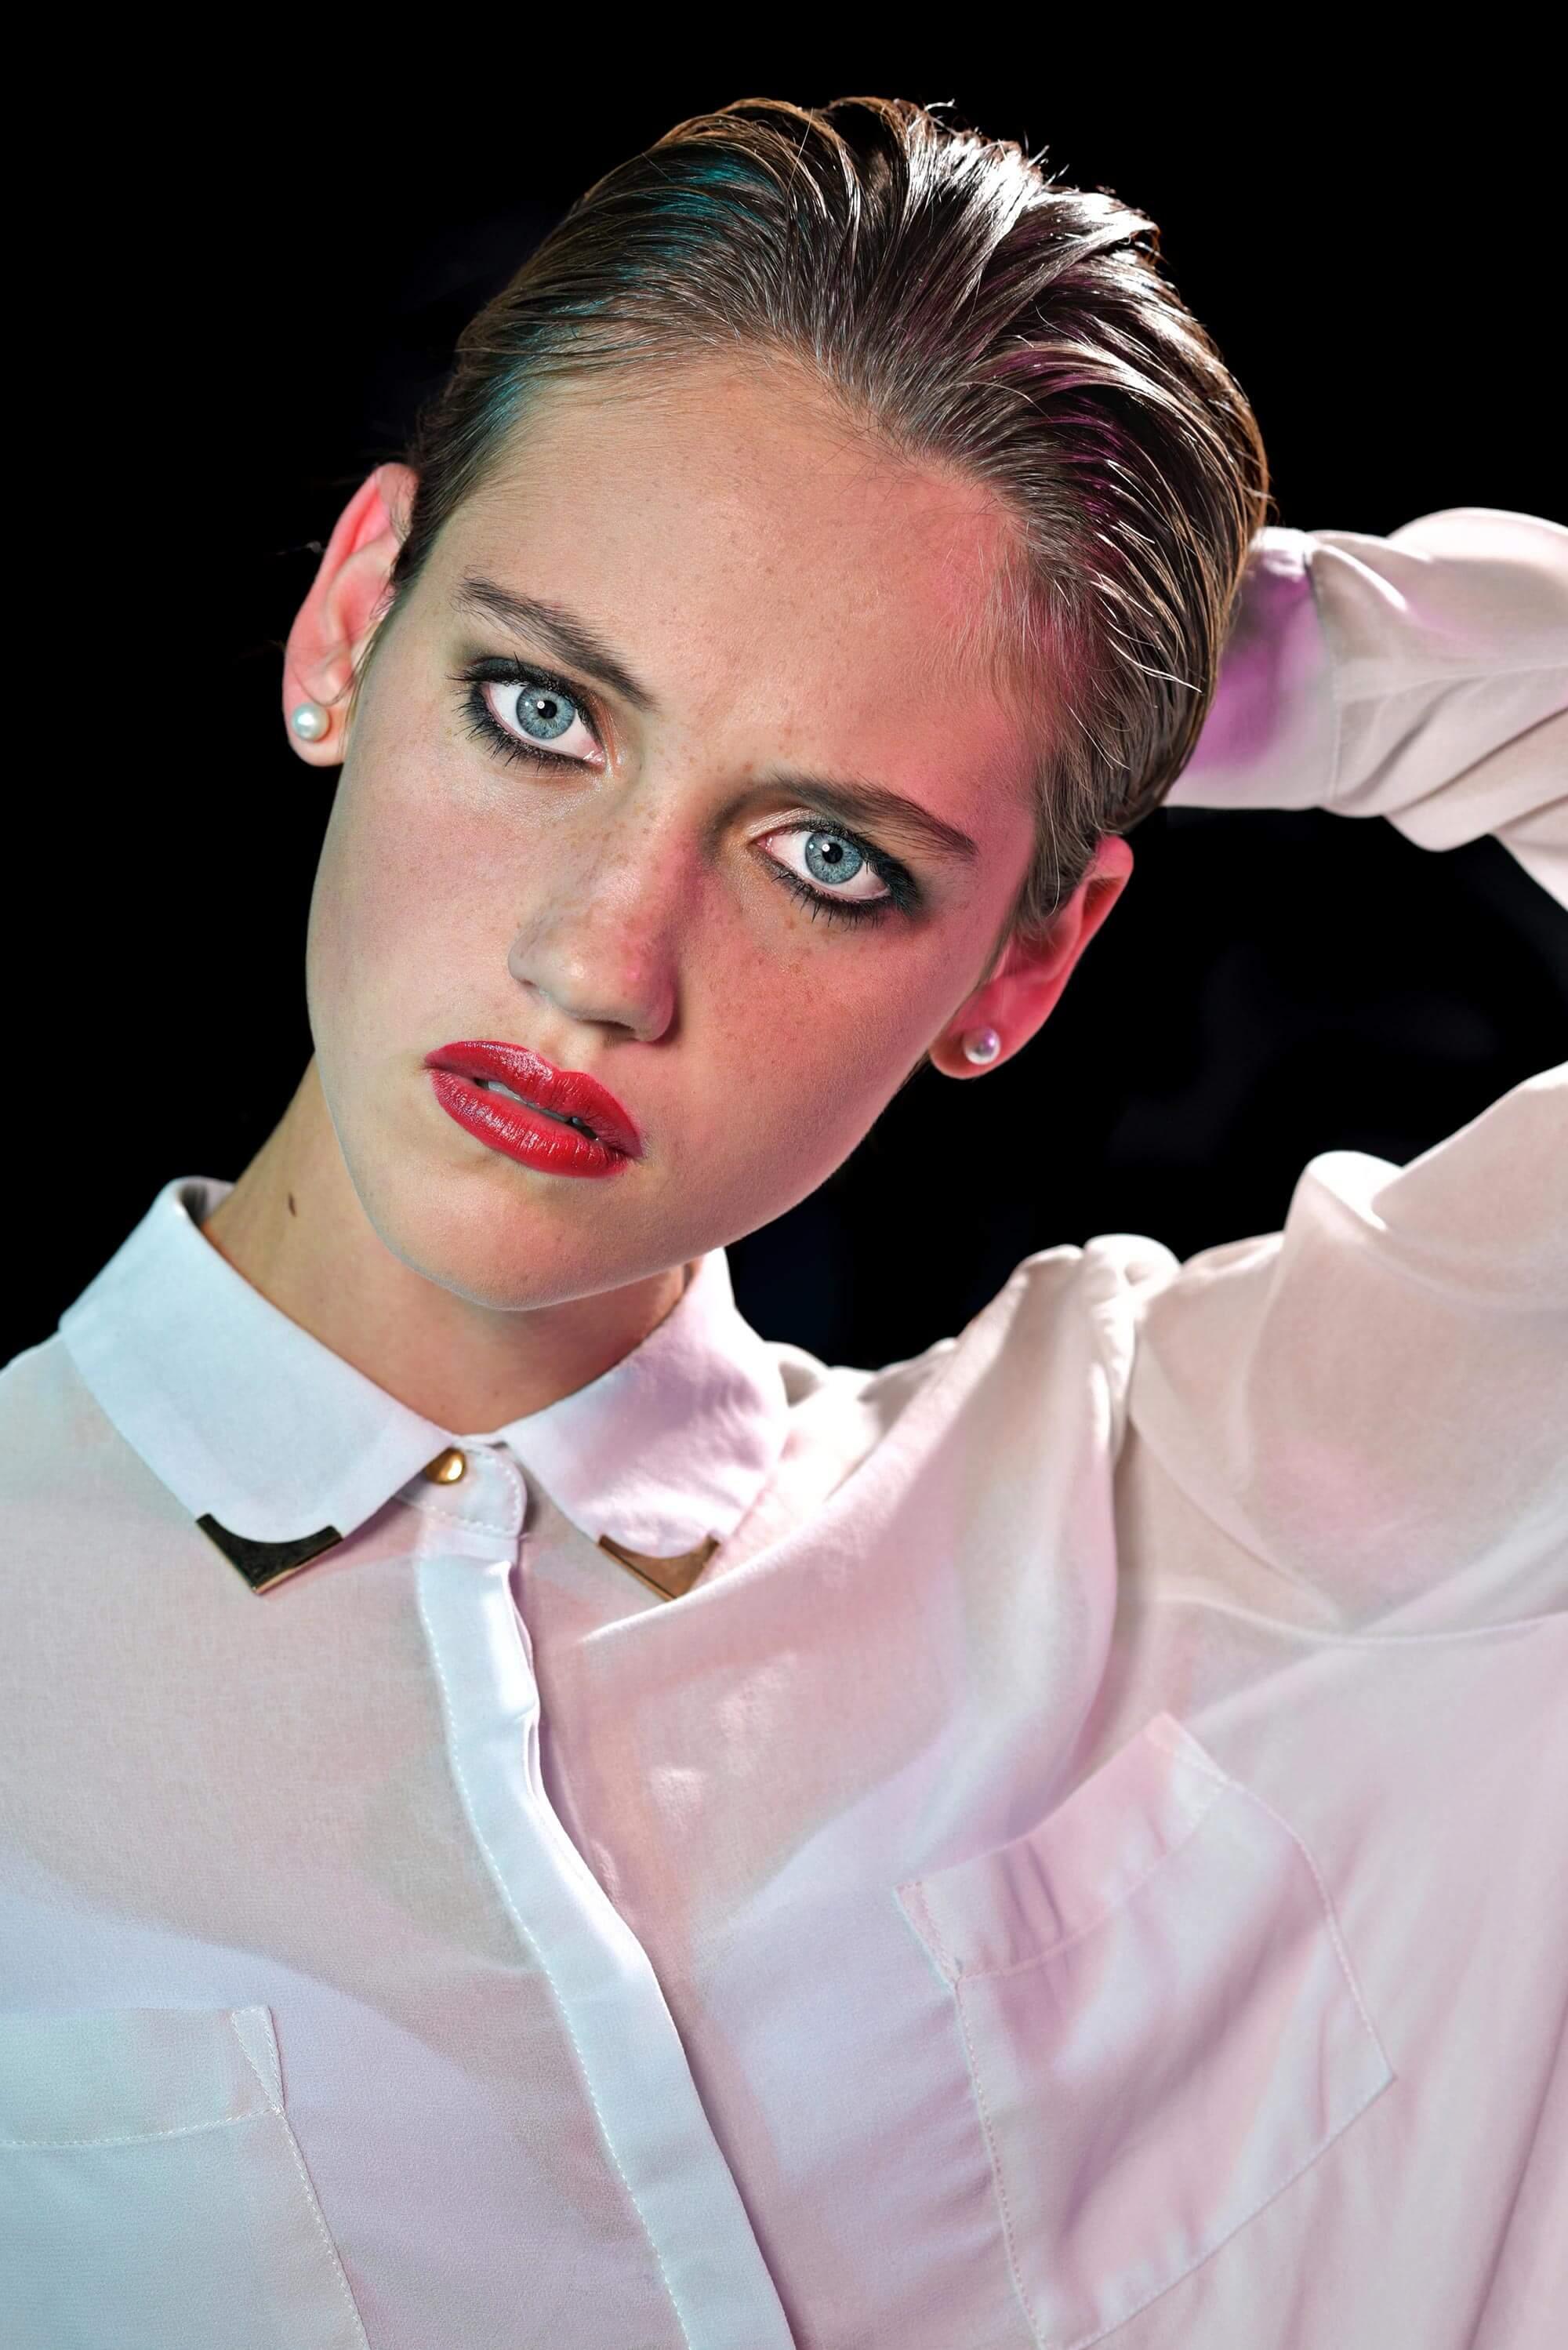 elsa-boss-modelling-agency-by-photographer-brandon-barnard-2016.jpg